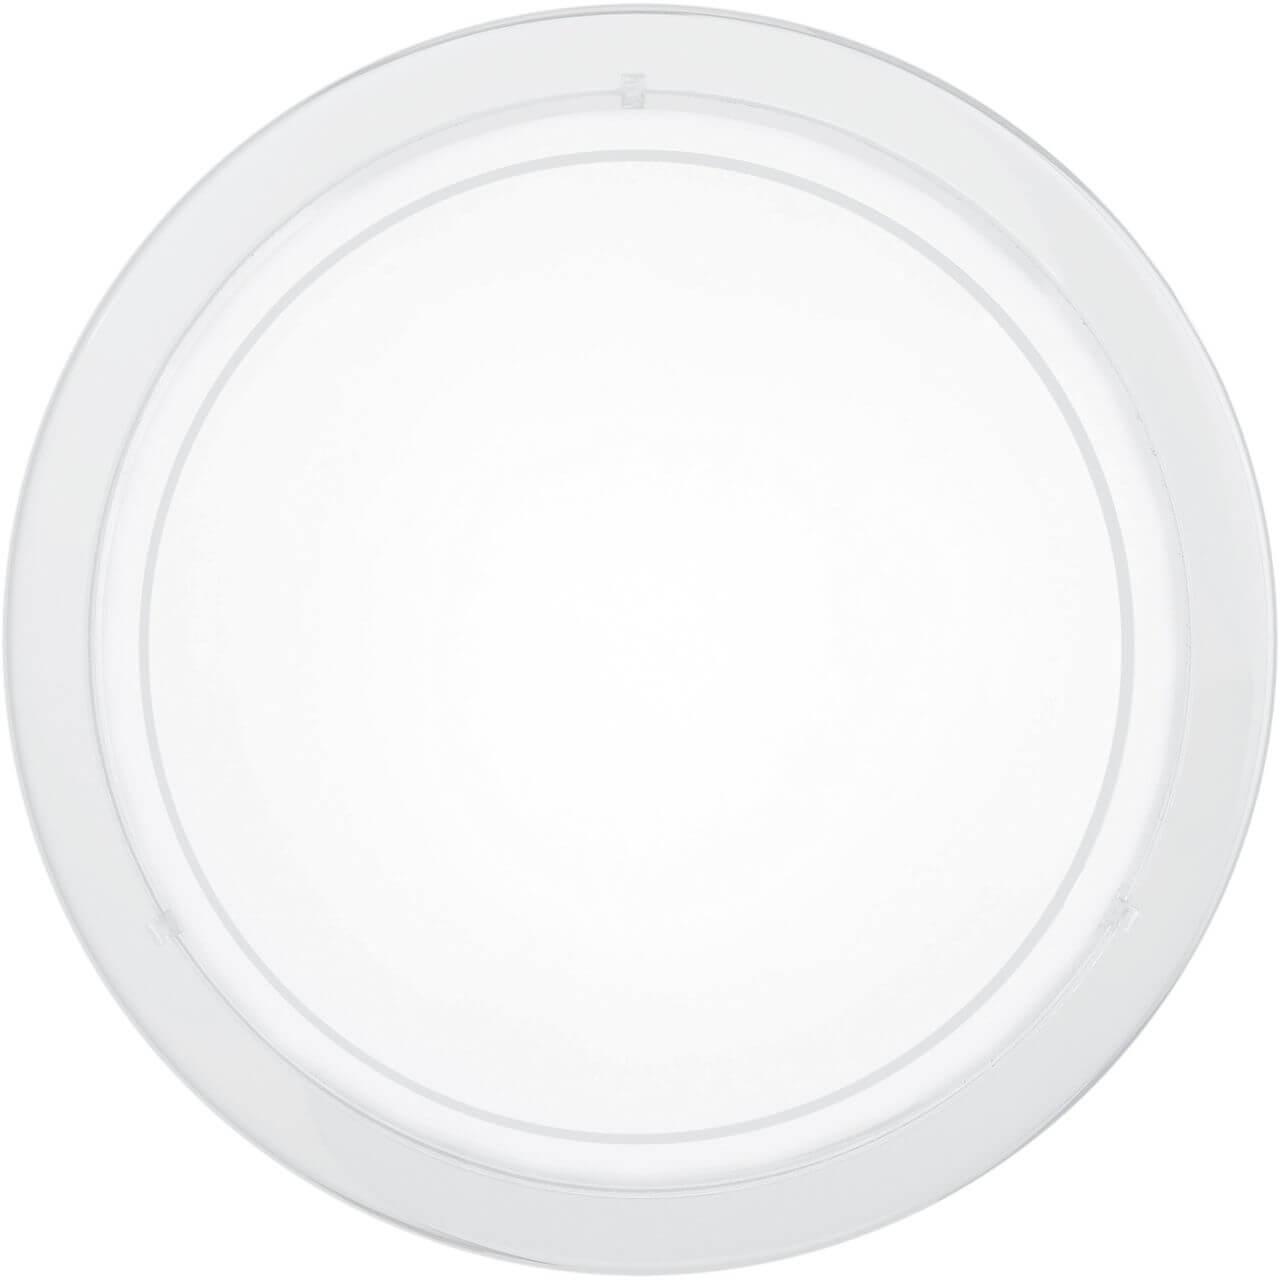 Настенно-потолочный светильник Eglo 83153, белый eglo 94615